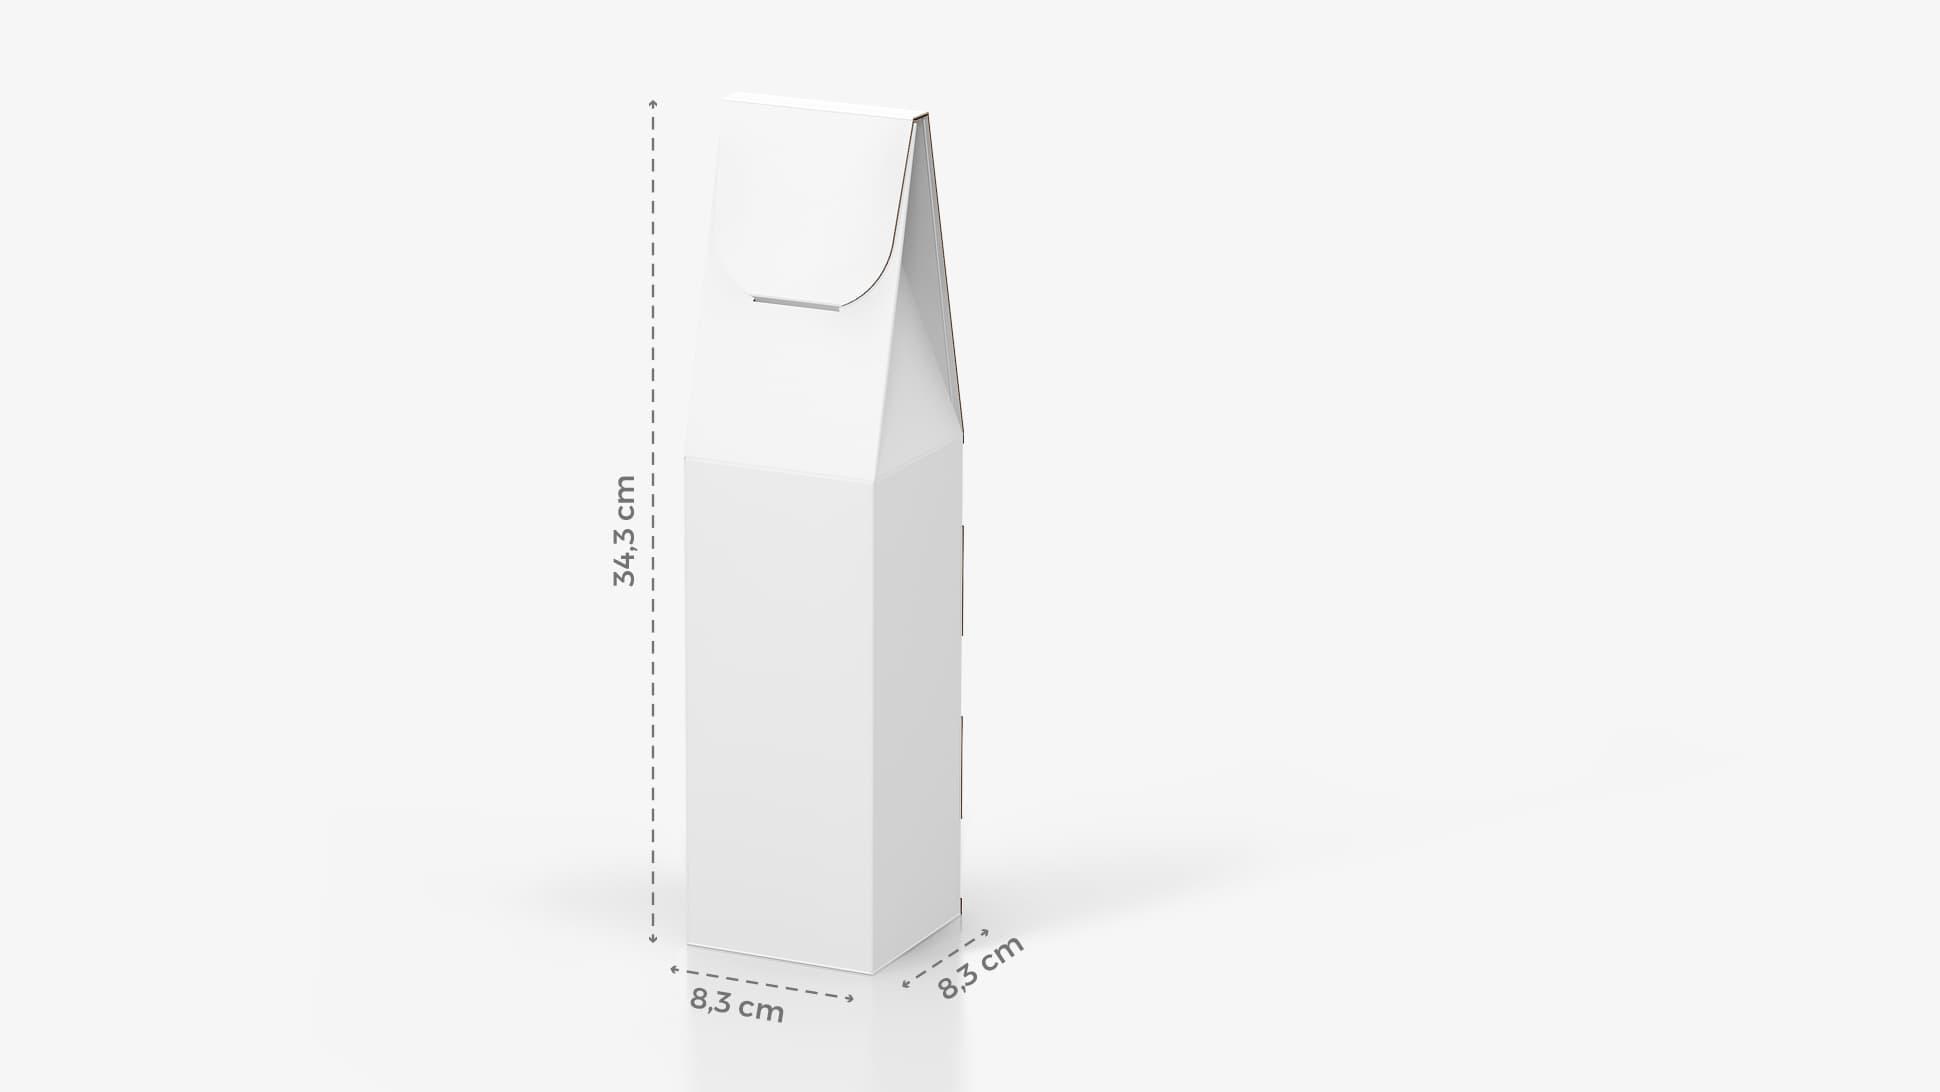 Scatola per bottiglia di vino 8,3x34,3 cm personalizzabile | tictac.it